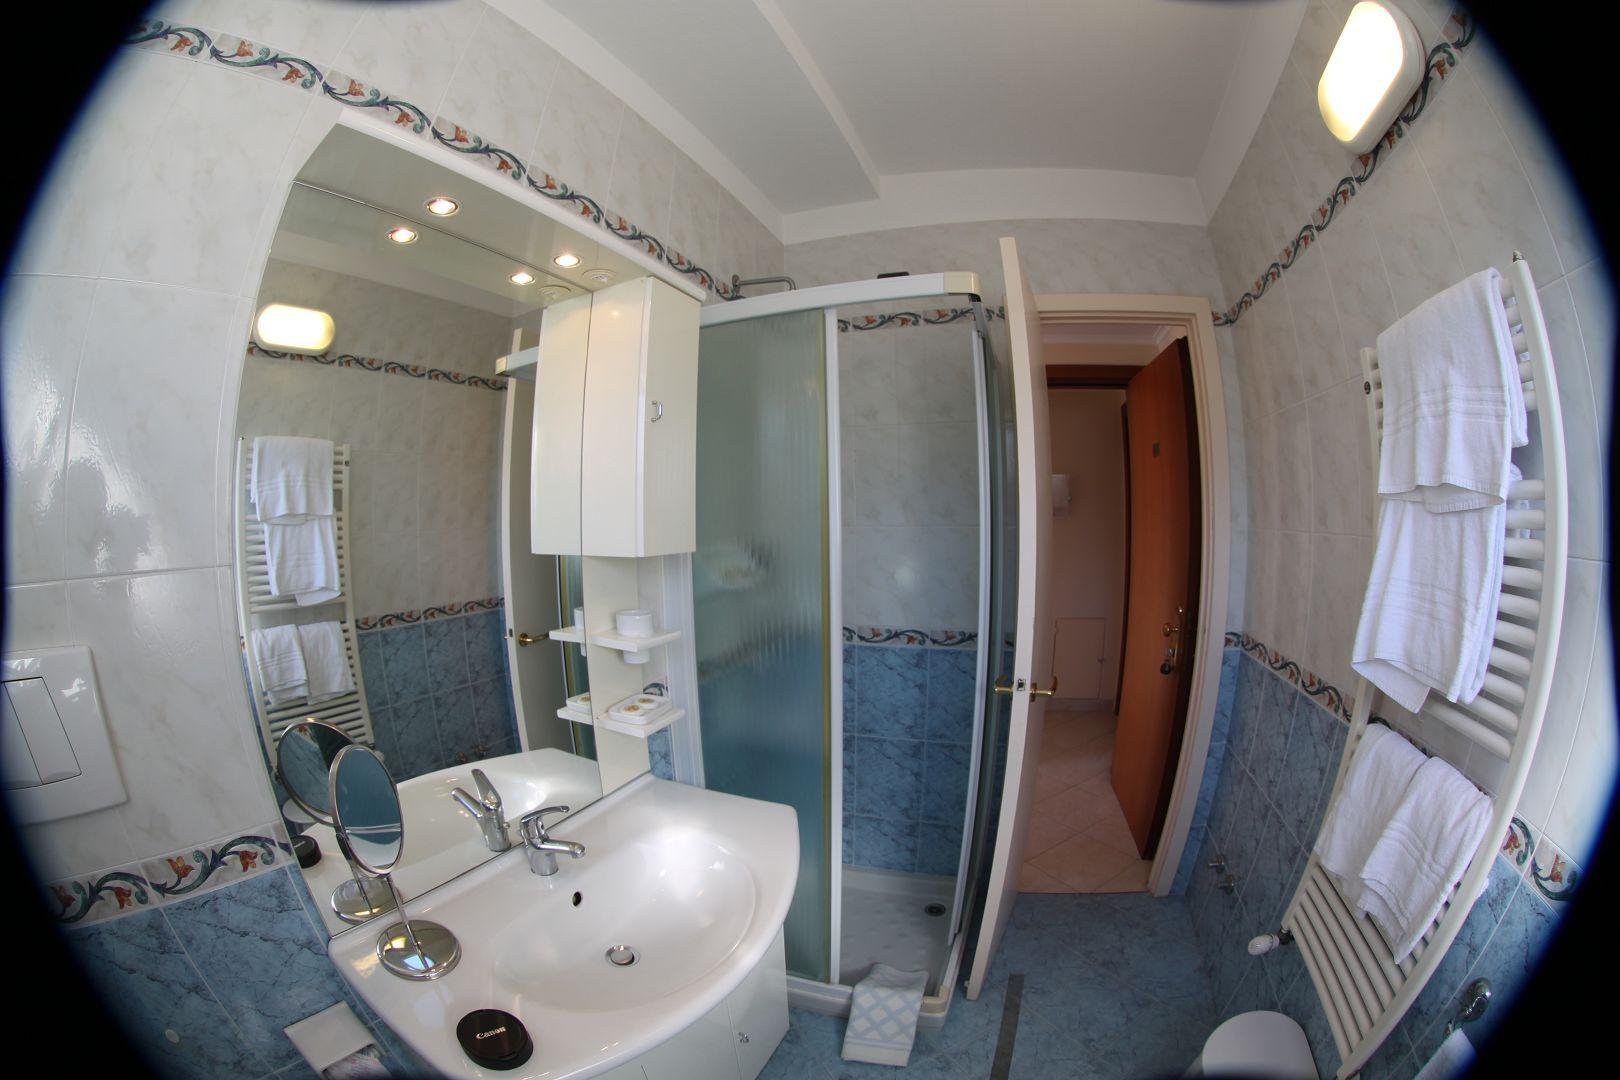 Hotel stella camera per persona bagno grande letto alla